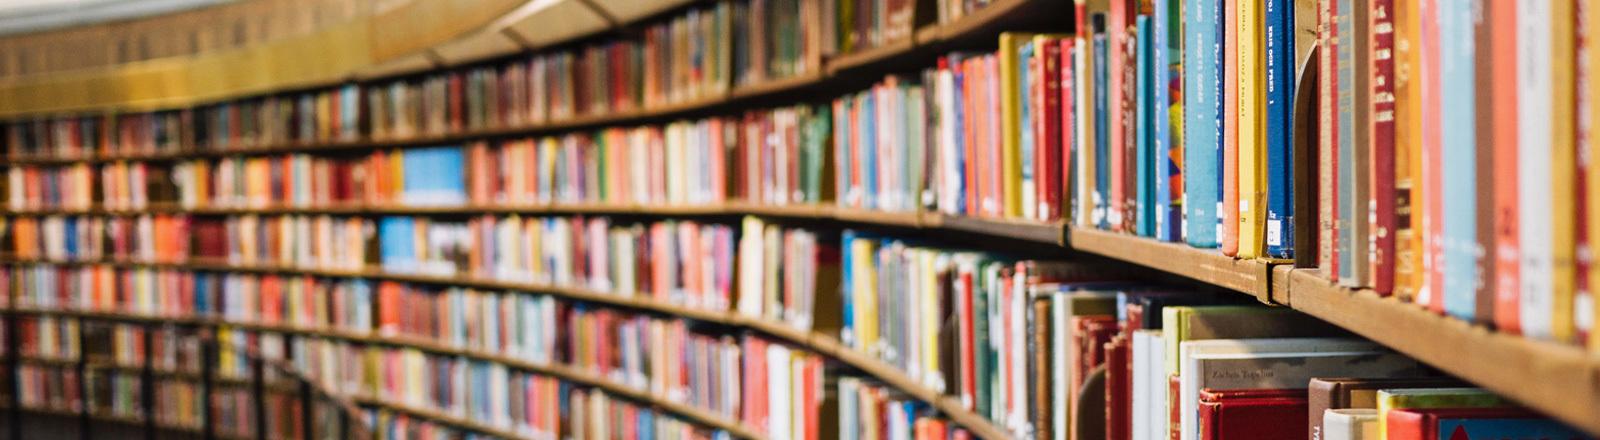 Ein langgezogenes Buchregal in einer Bibliothek.